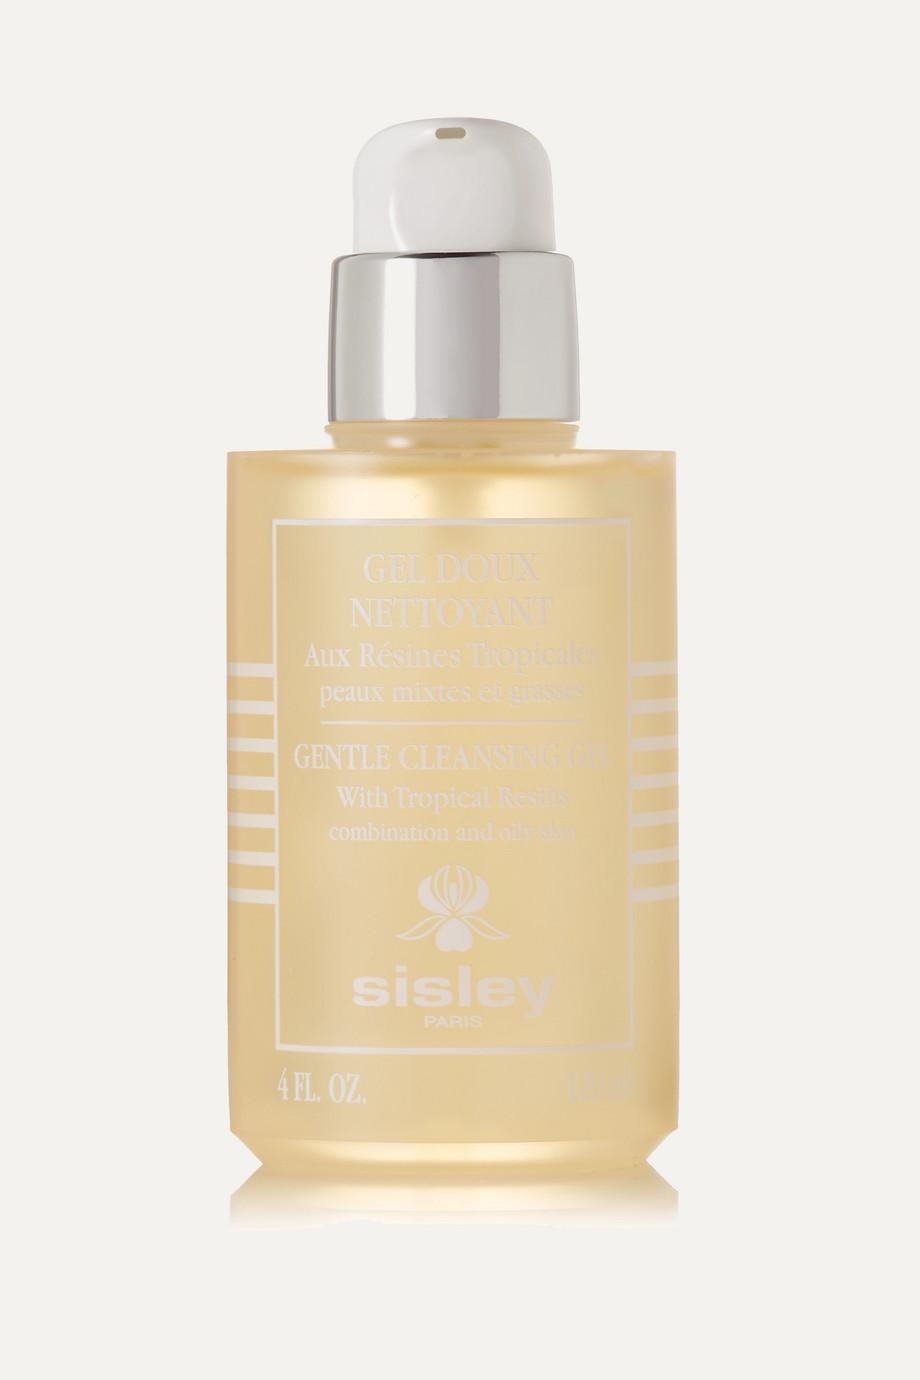 Sisley Gentle Cleansing Gel with Tropical Resins, 120ml